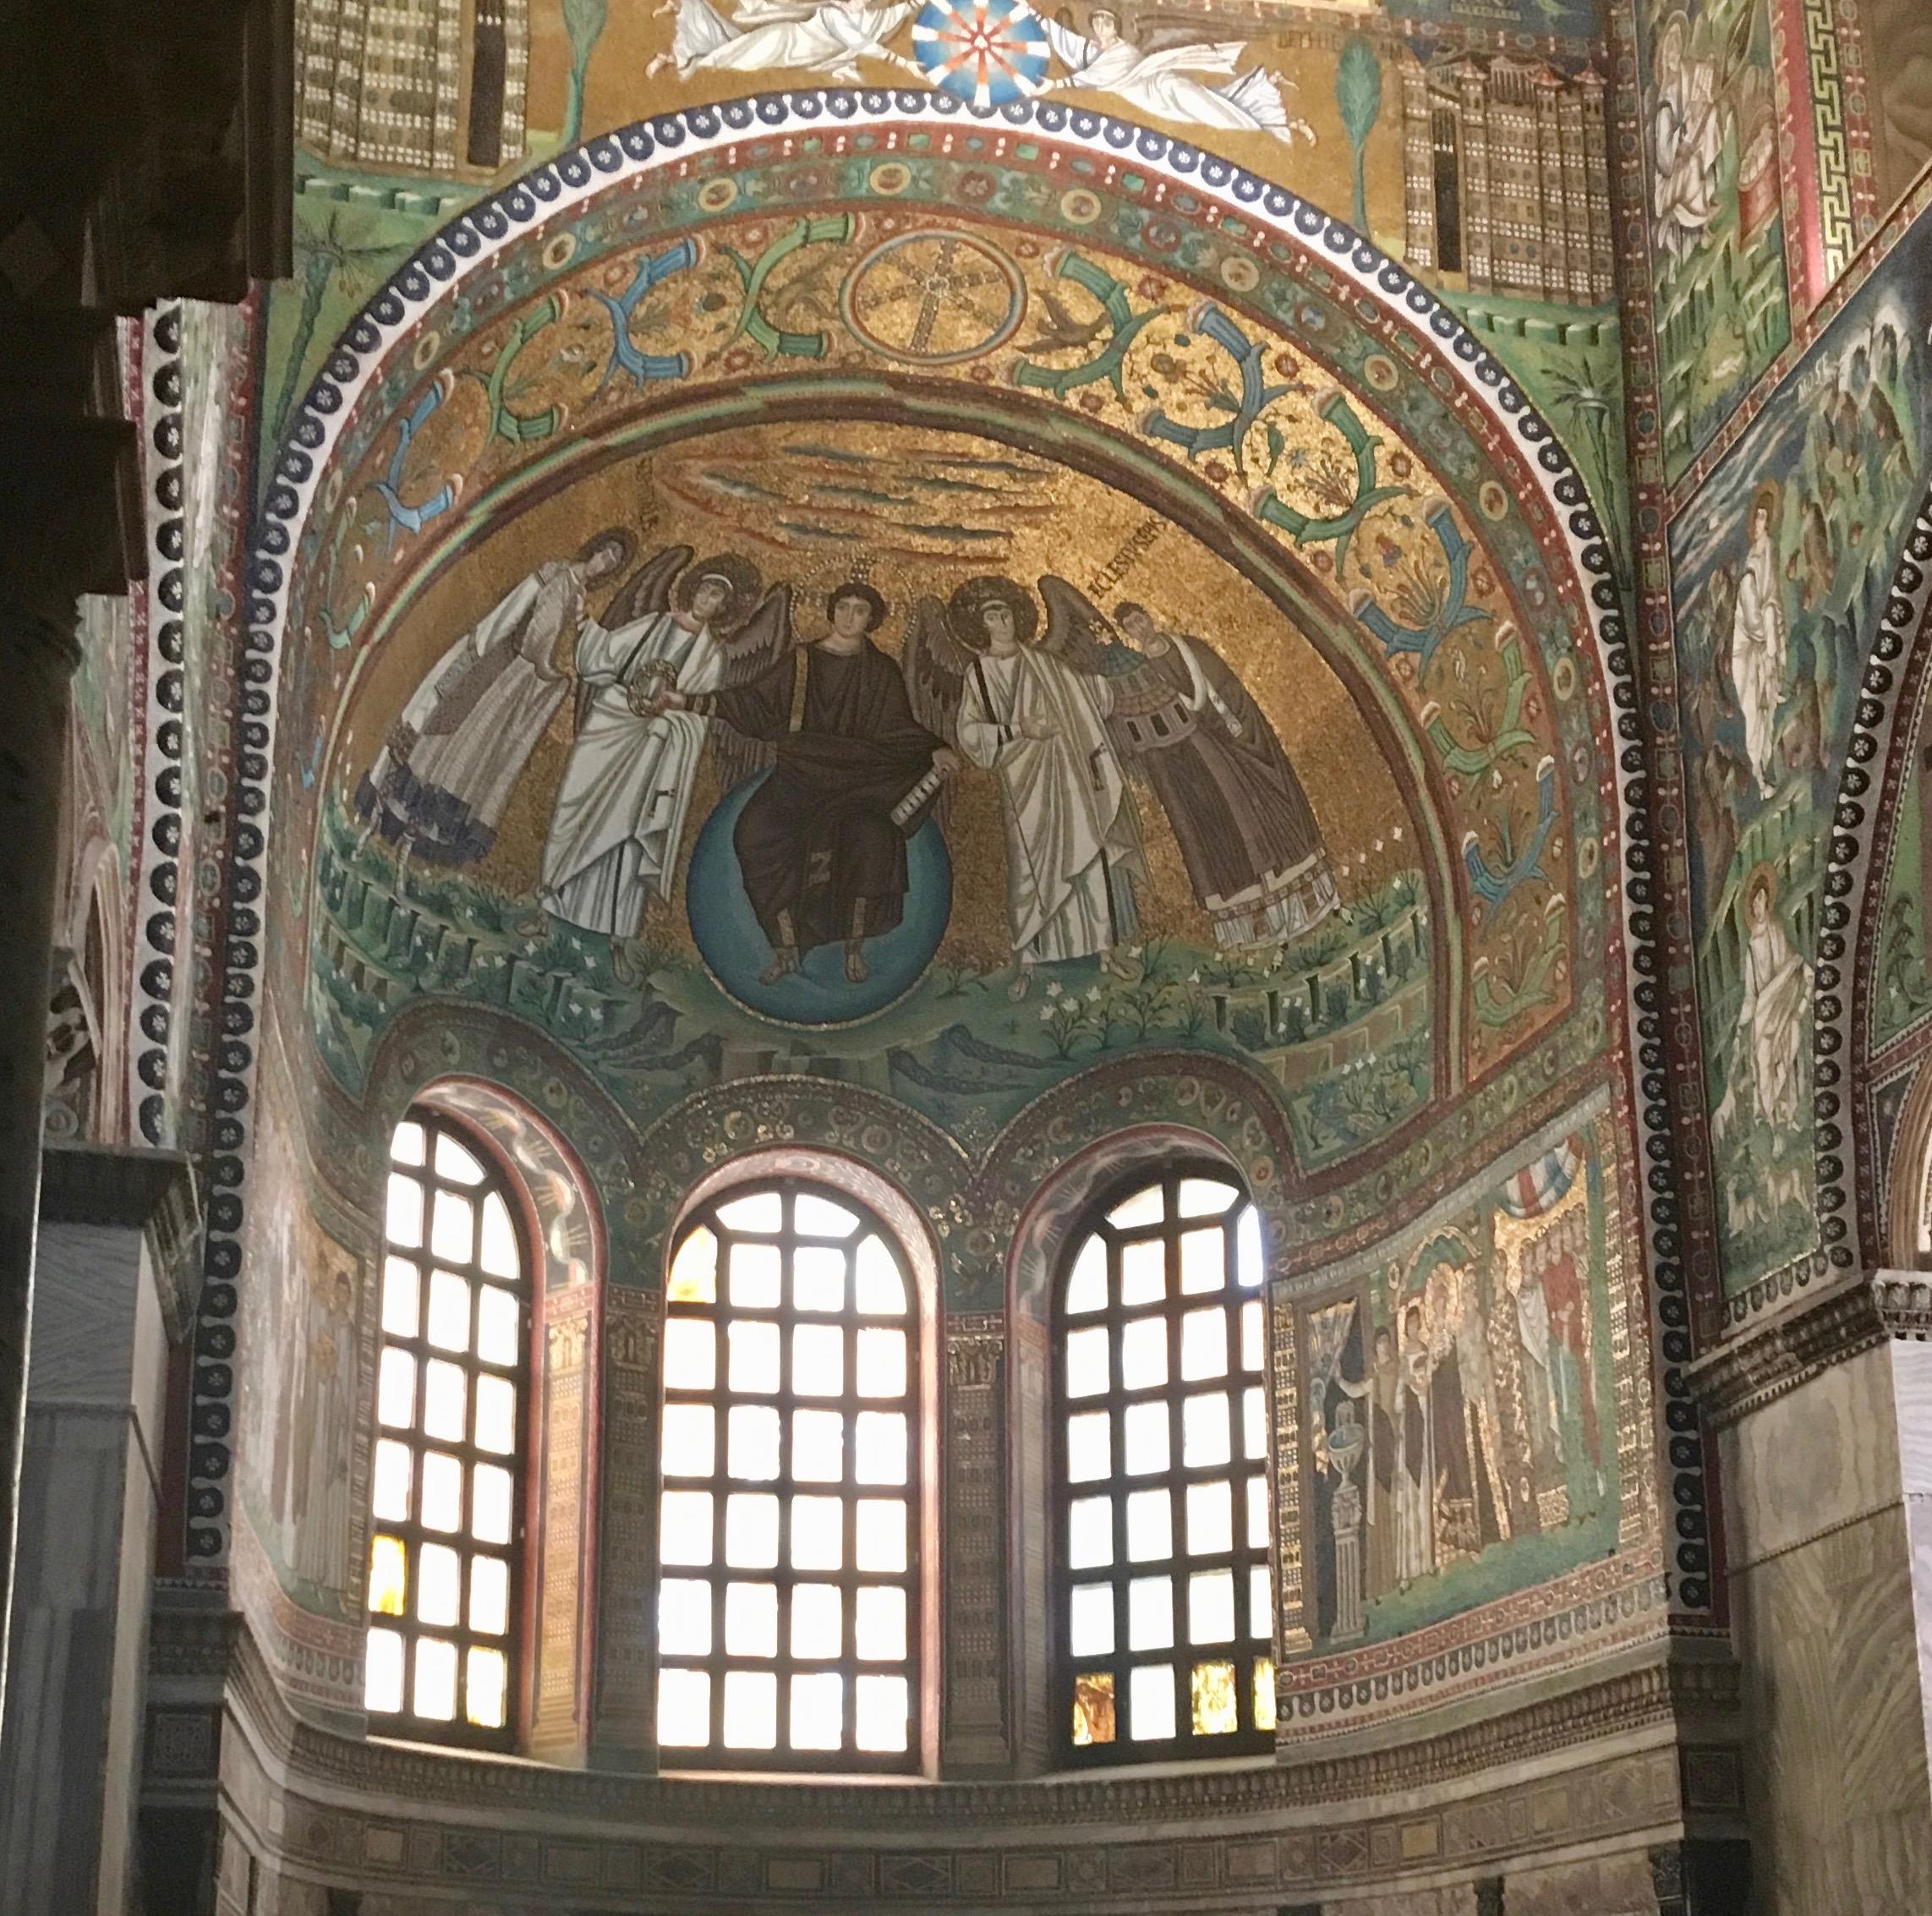 Byzantine era mosaics